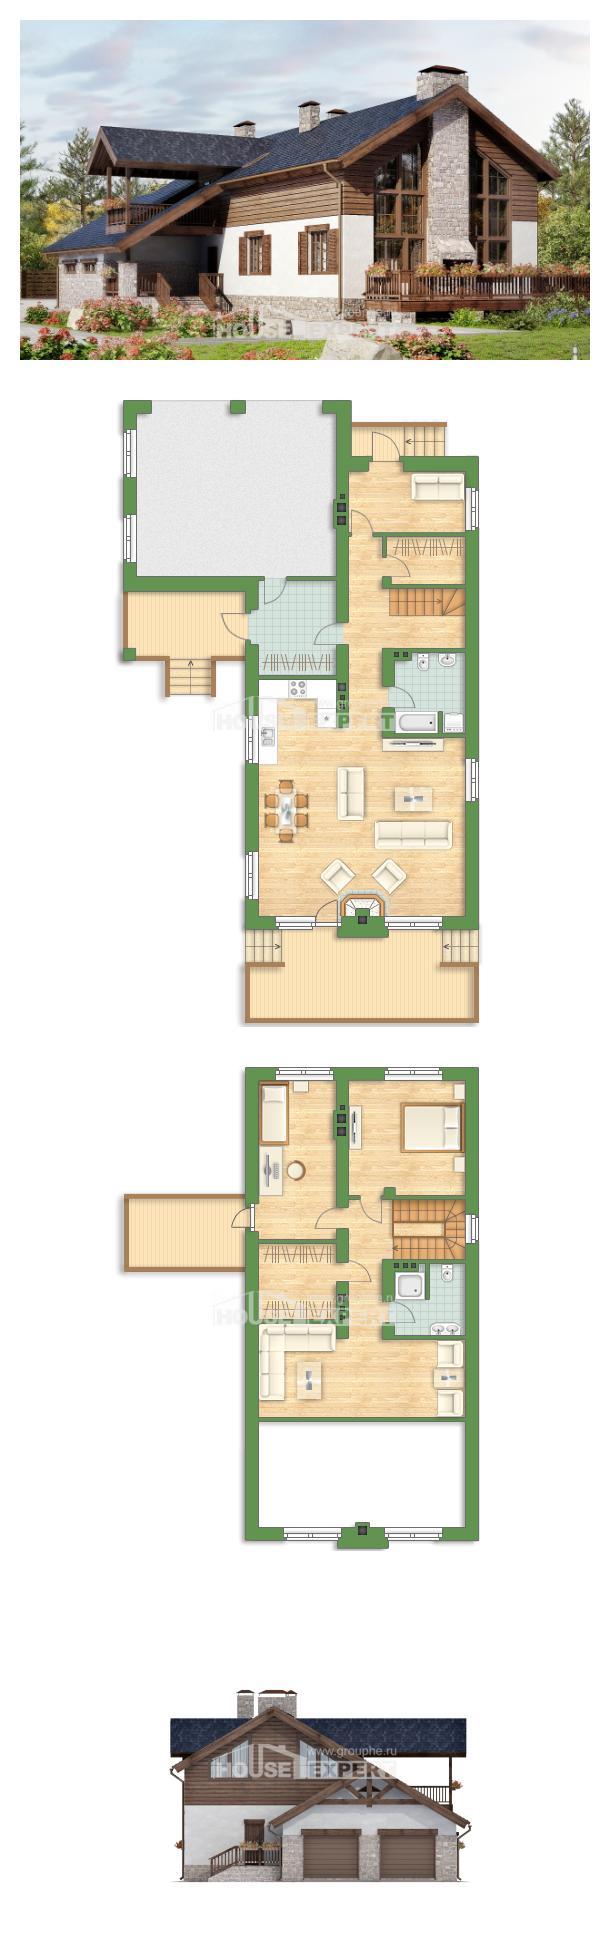 Plan 240-002-L | House Expert